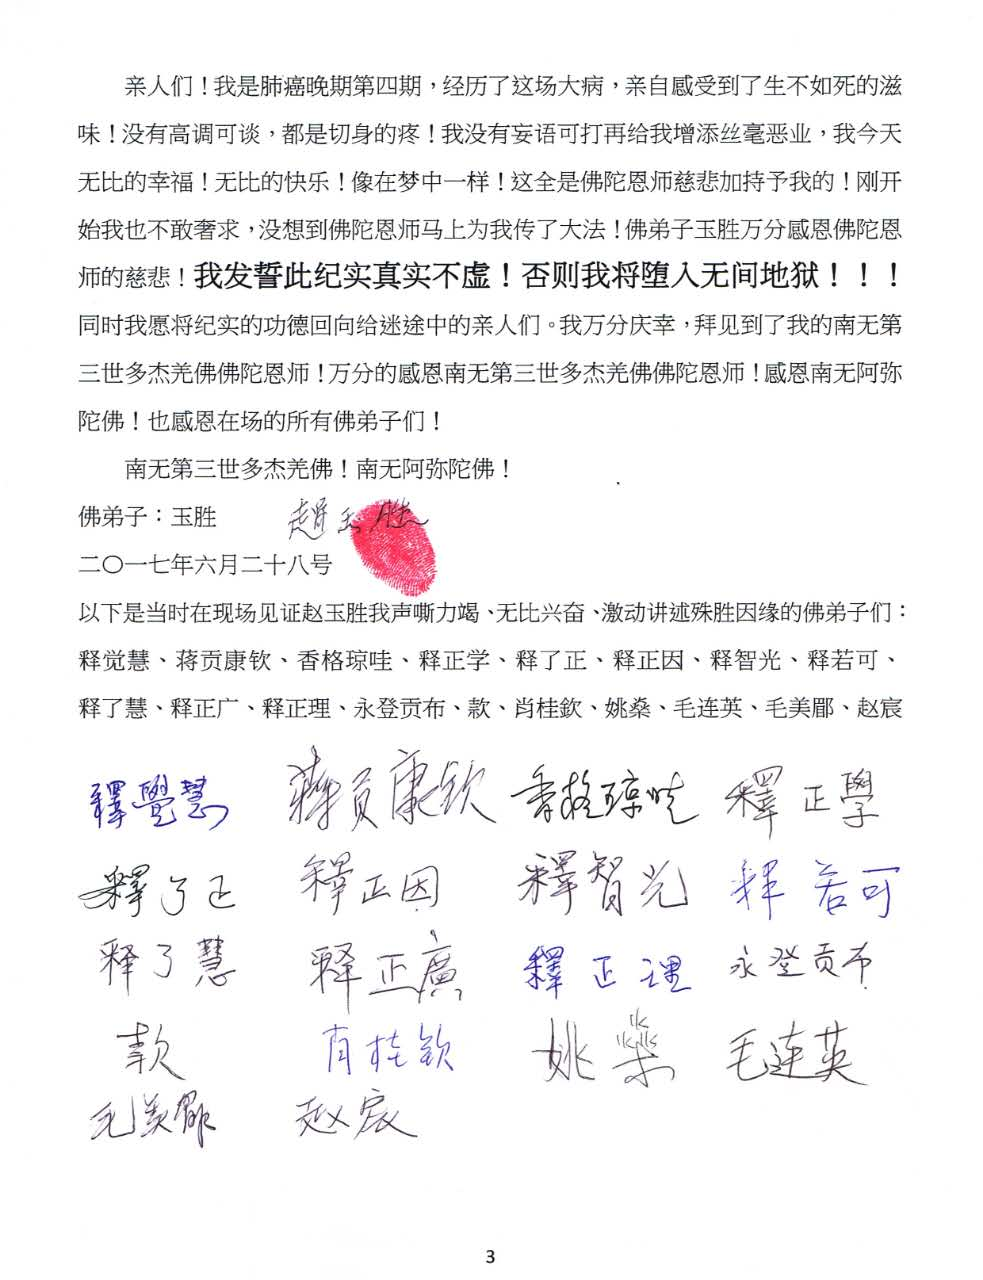 佛弟子赵玉胜接受了真实不虚的传法